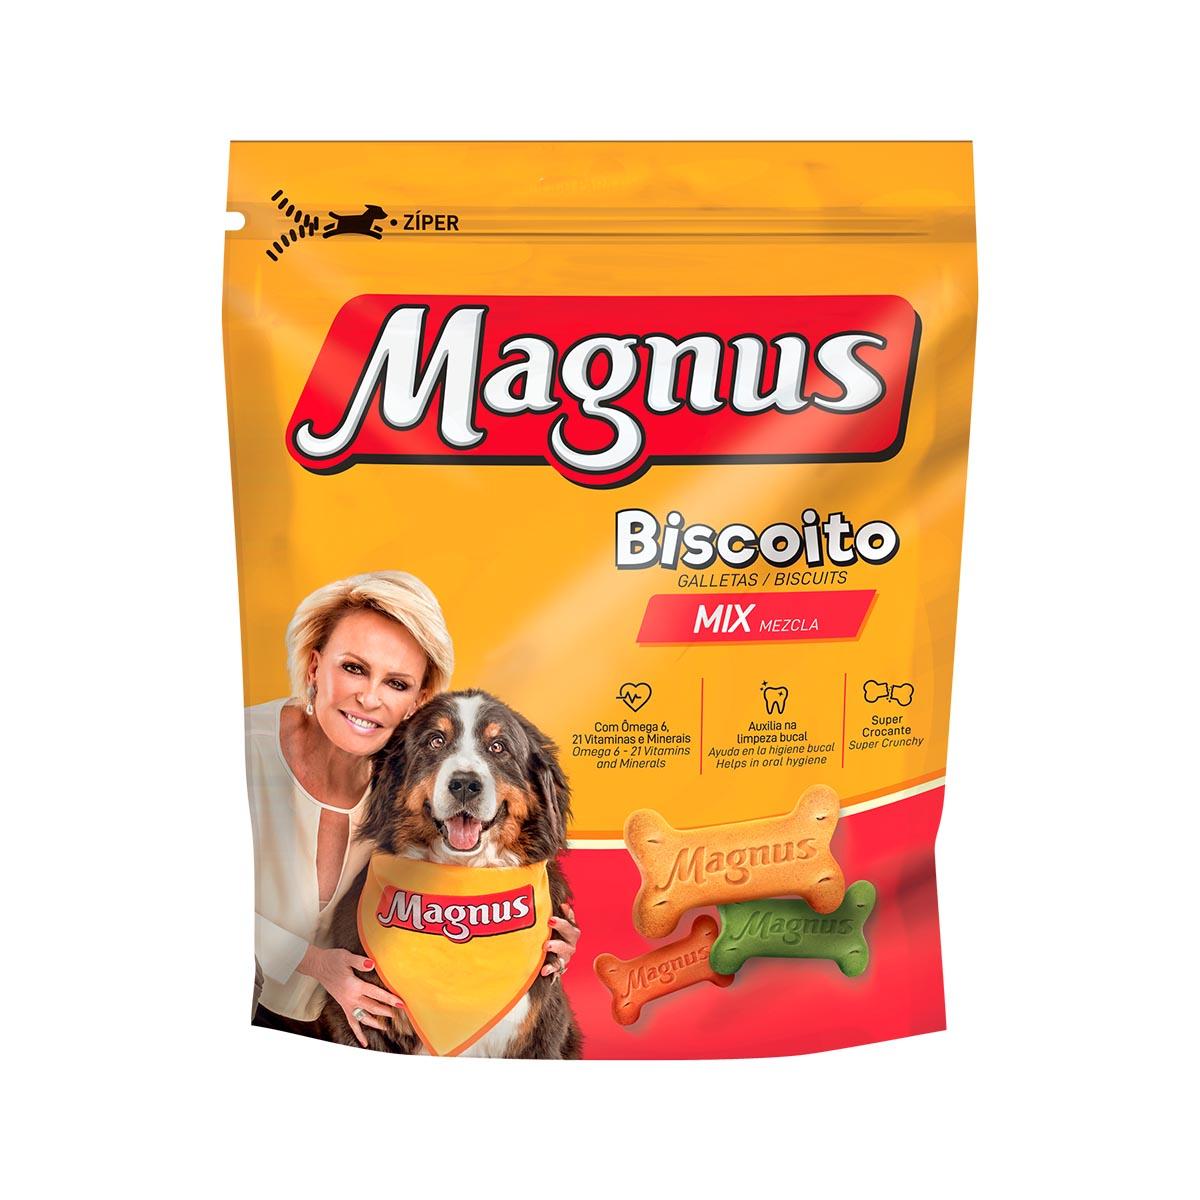 Magnus Biscoito Mix Cães Adultos